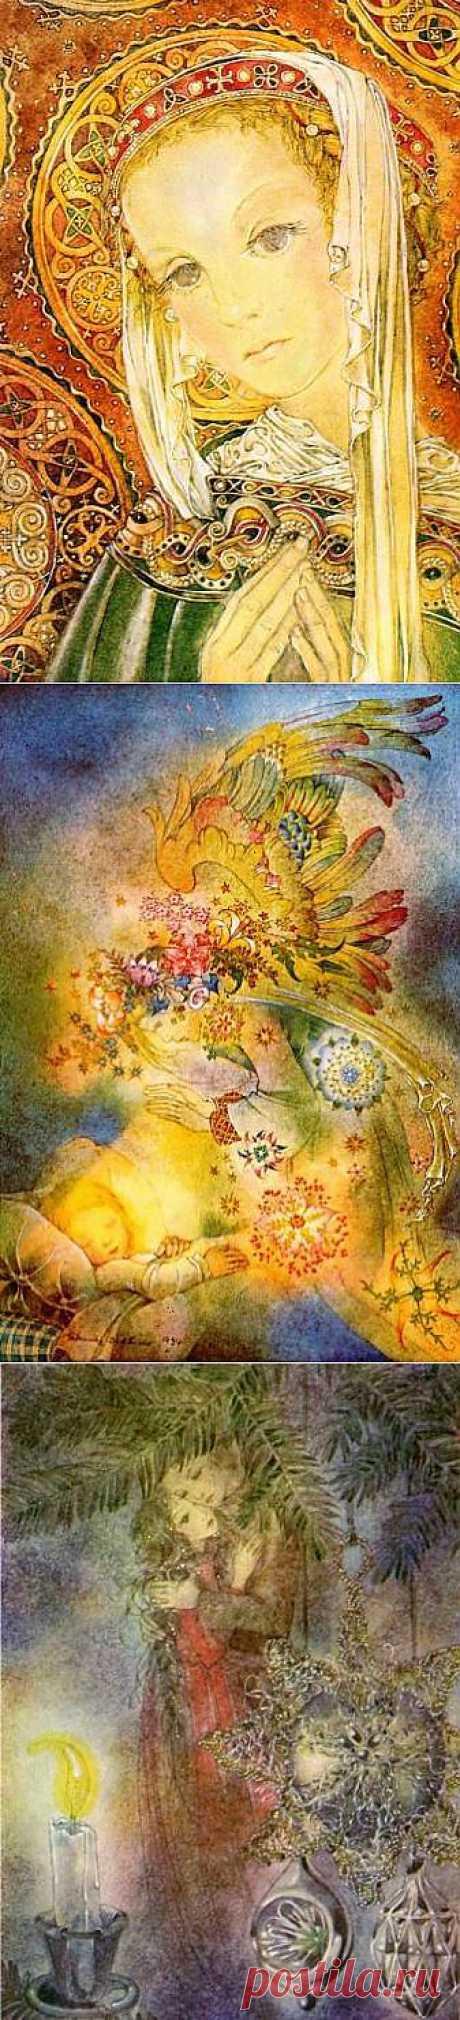 Мир Sulamith Wulfing - Галерея искусств - Для души - Статьи - Школа радости